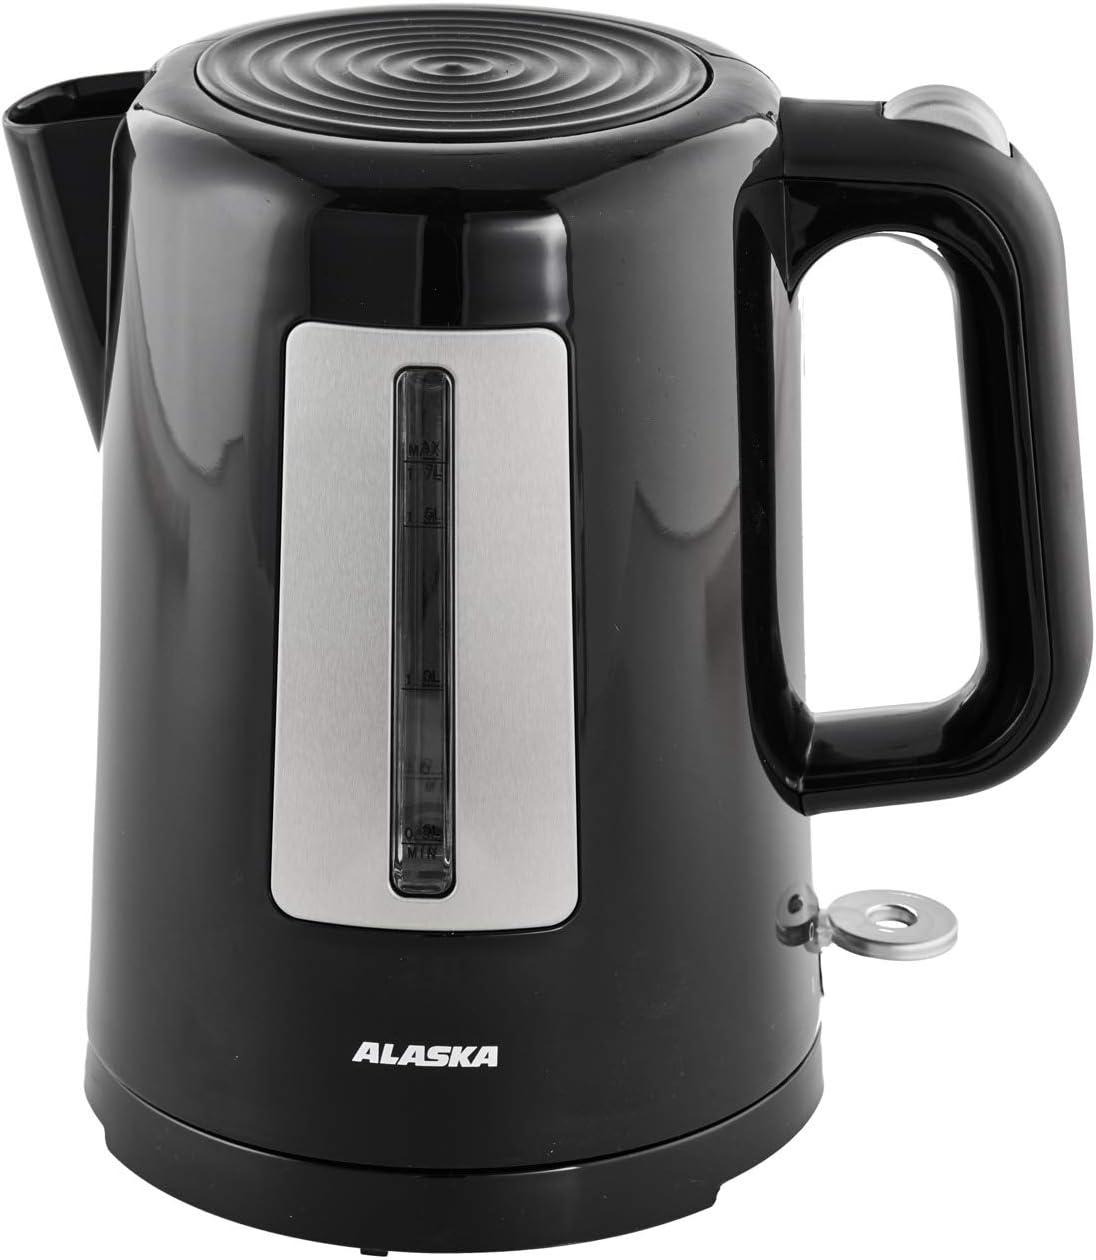 Alle Wasserkocher Angebote der Marke Alaska aus der Werbung